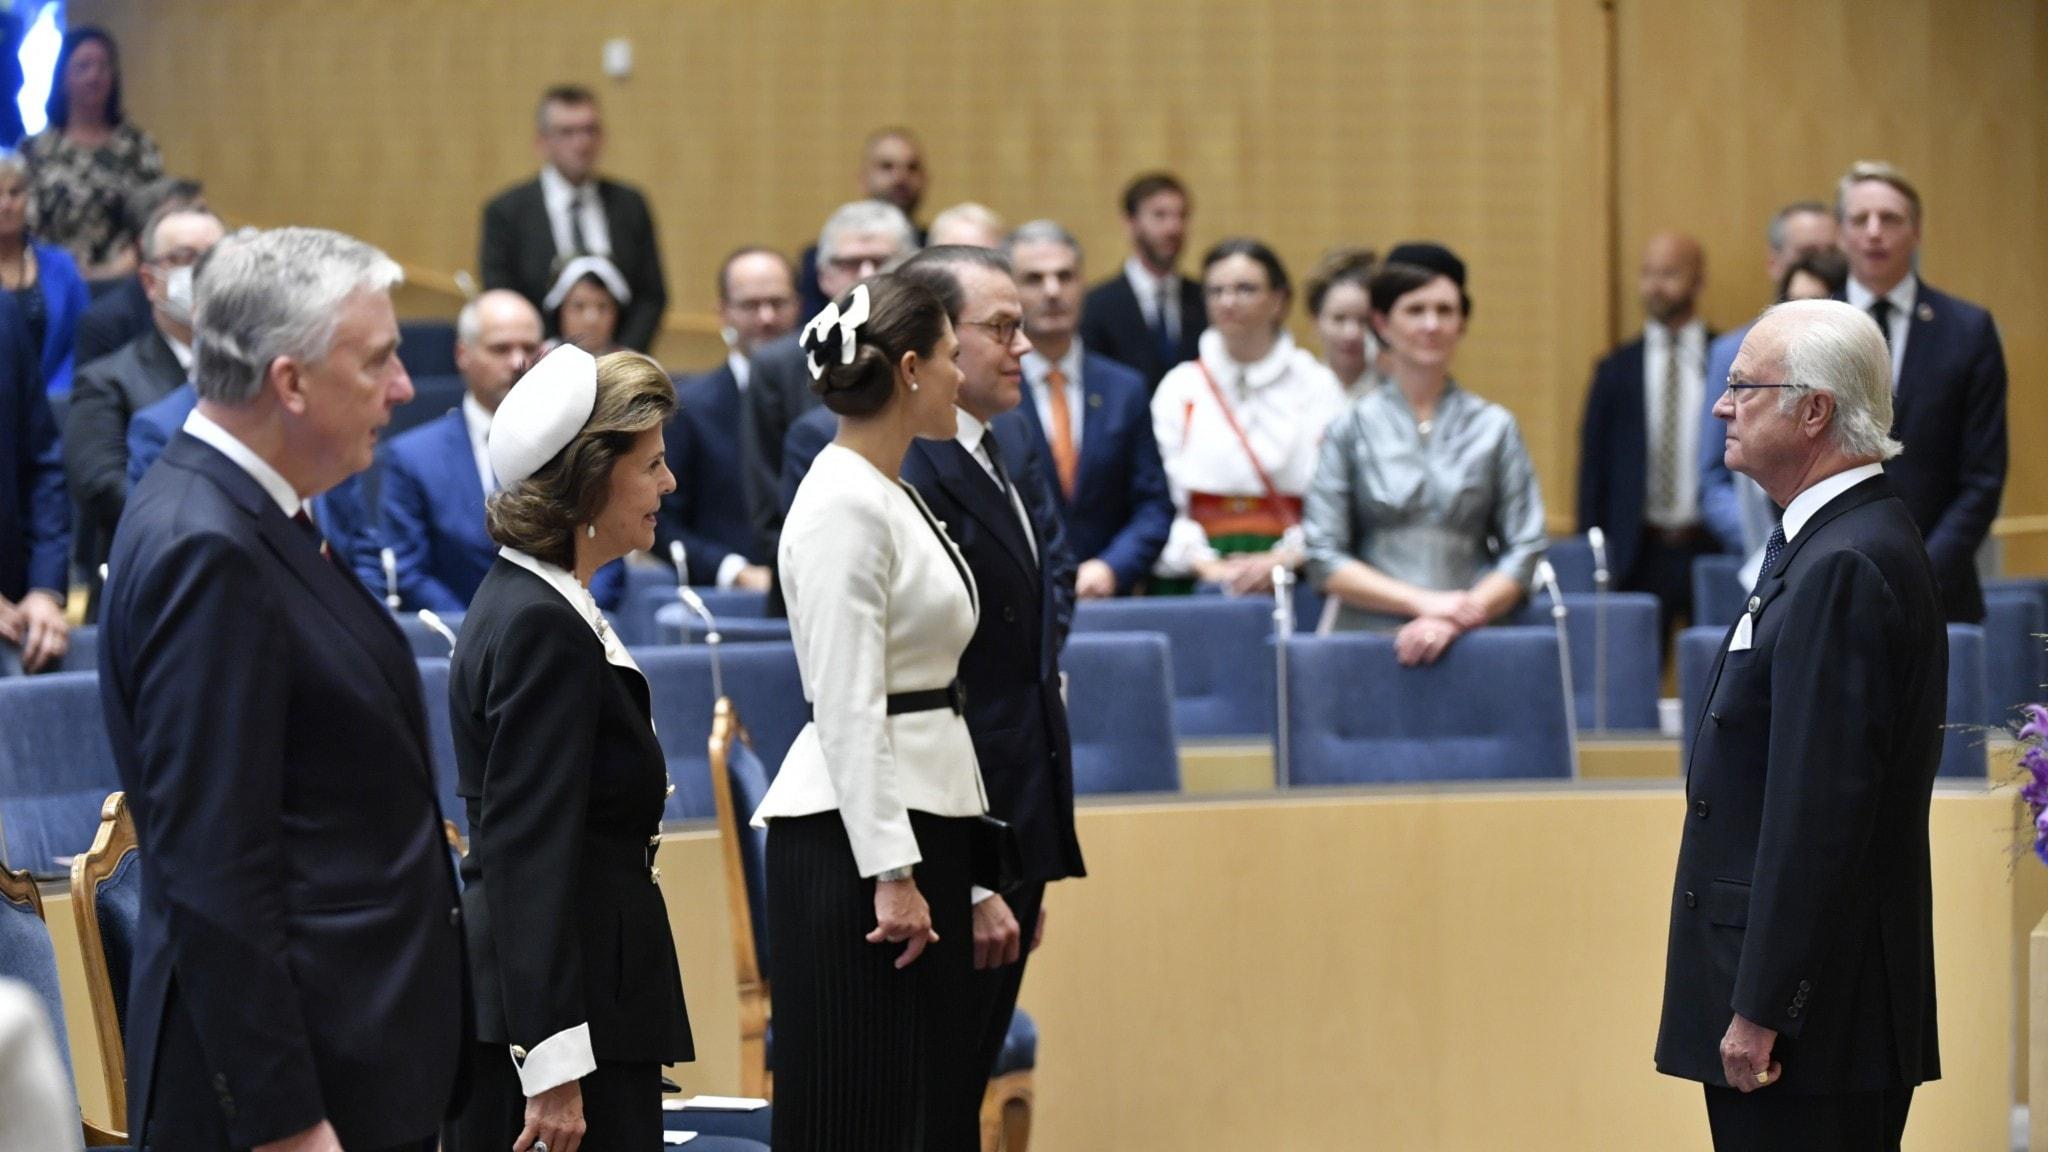 Kungen öppnade riksdagen och höll ett tal.